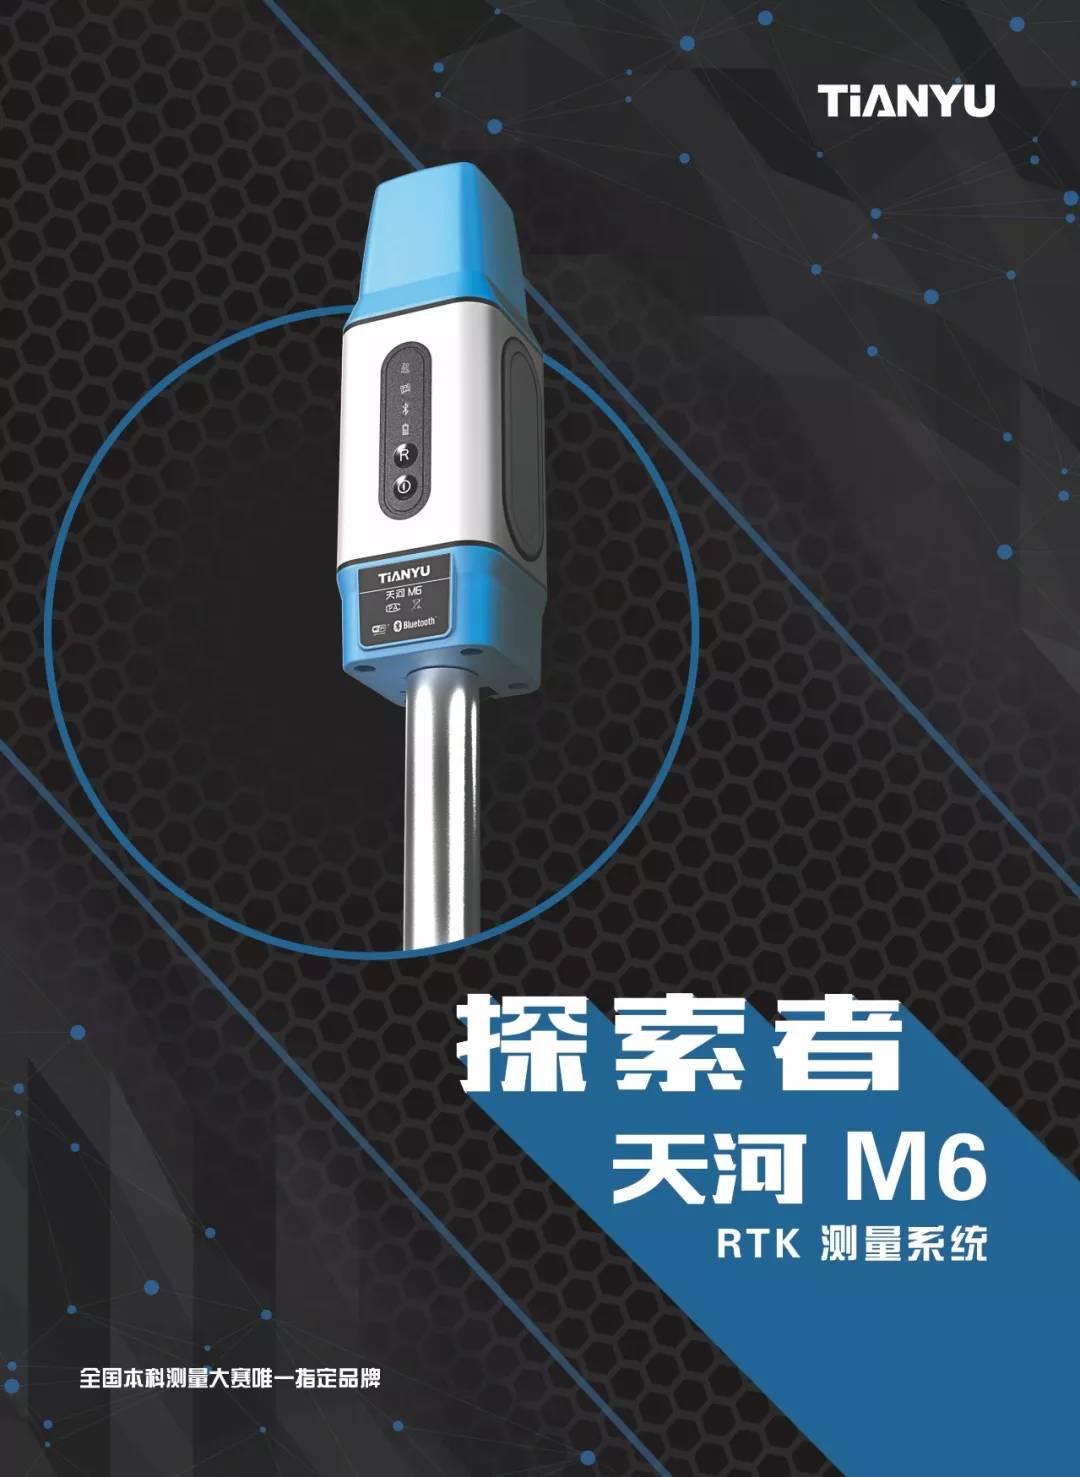 天宇探索者 天河M6 RTK测量系统上市